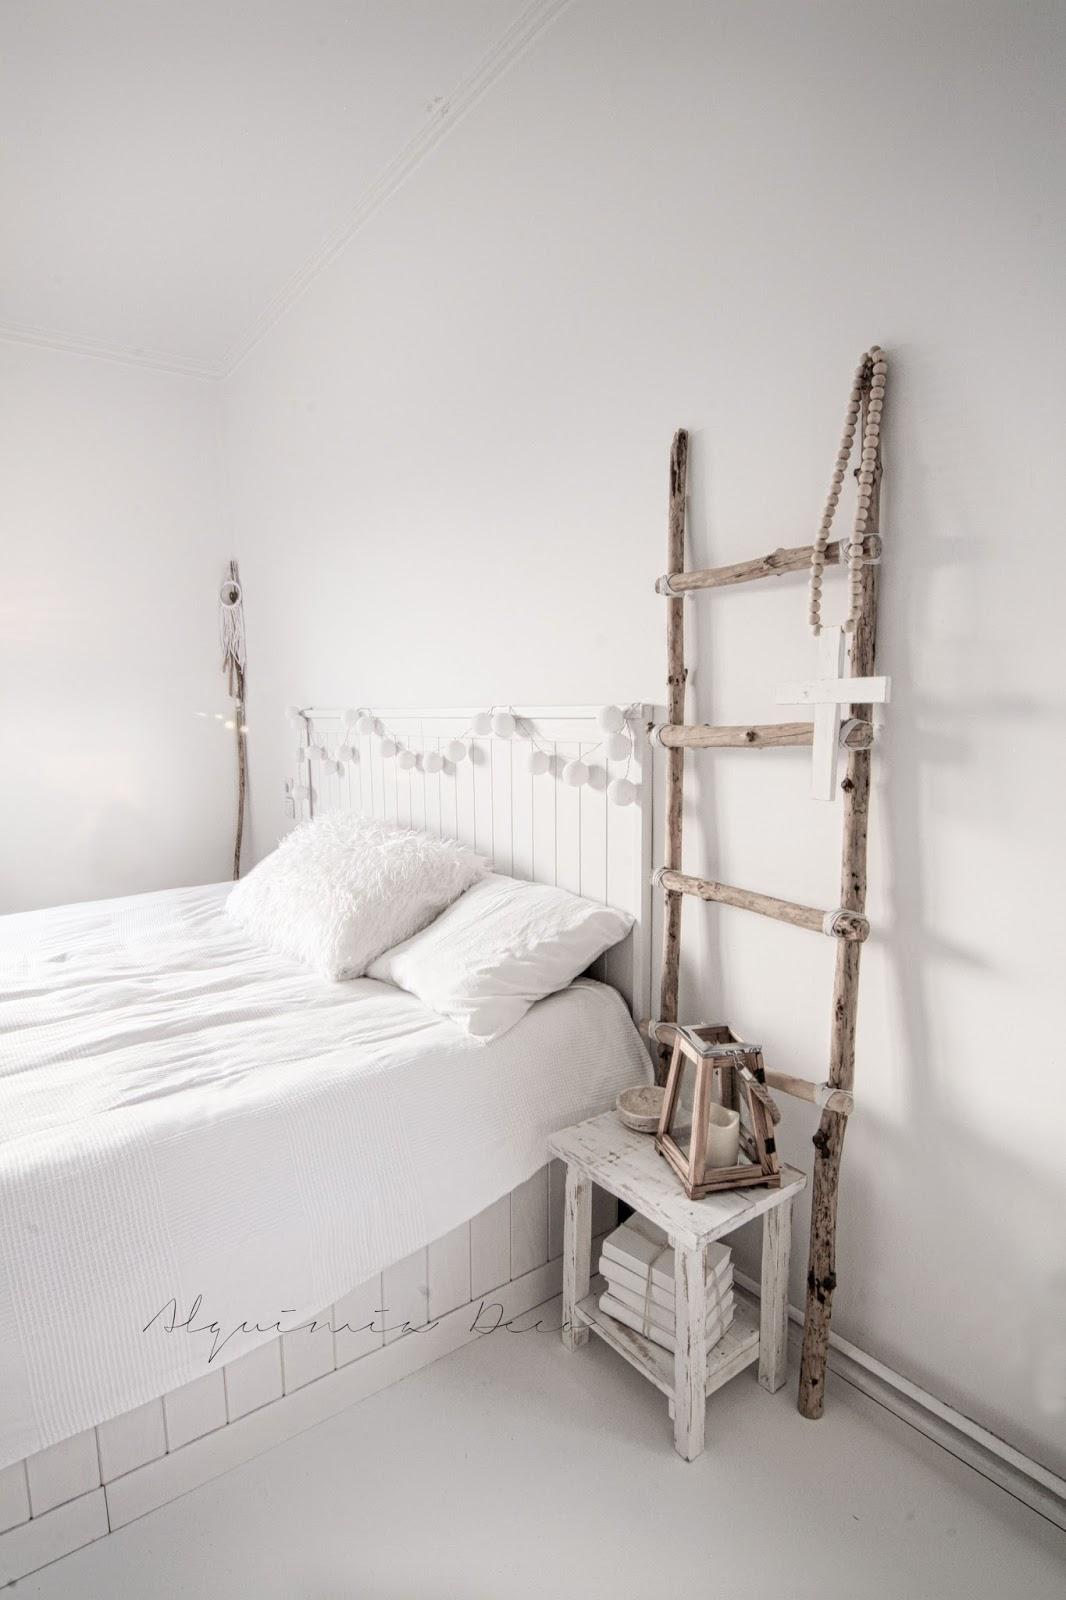 mesita noche escalera decorativa palos madera natural blanco envejecido estilo nordico decoracion nordica interiorismo barcelona interiorista alquimia deco